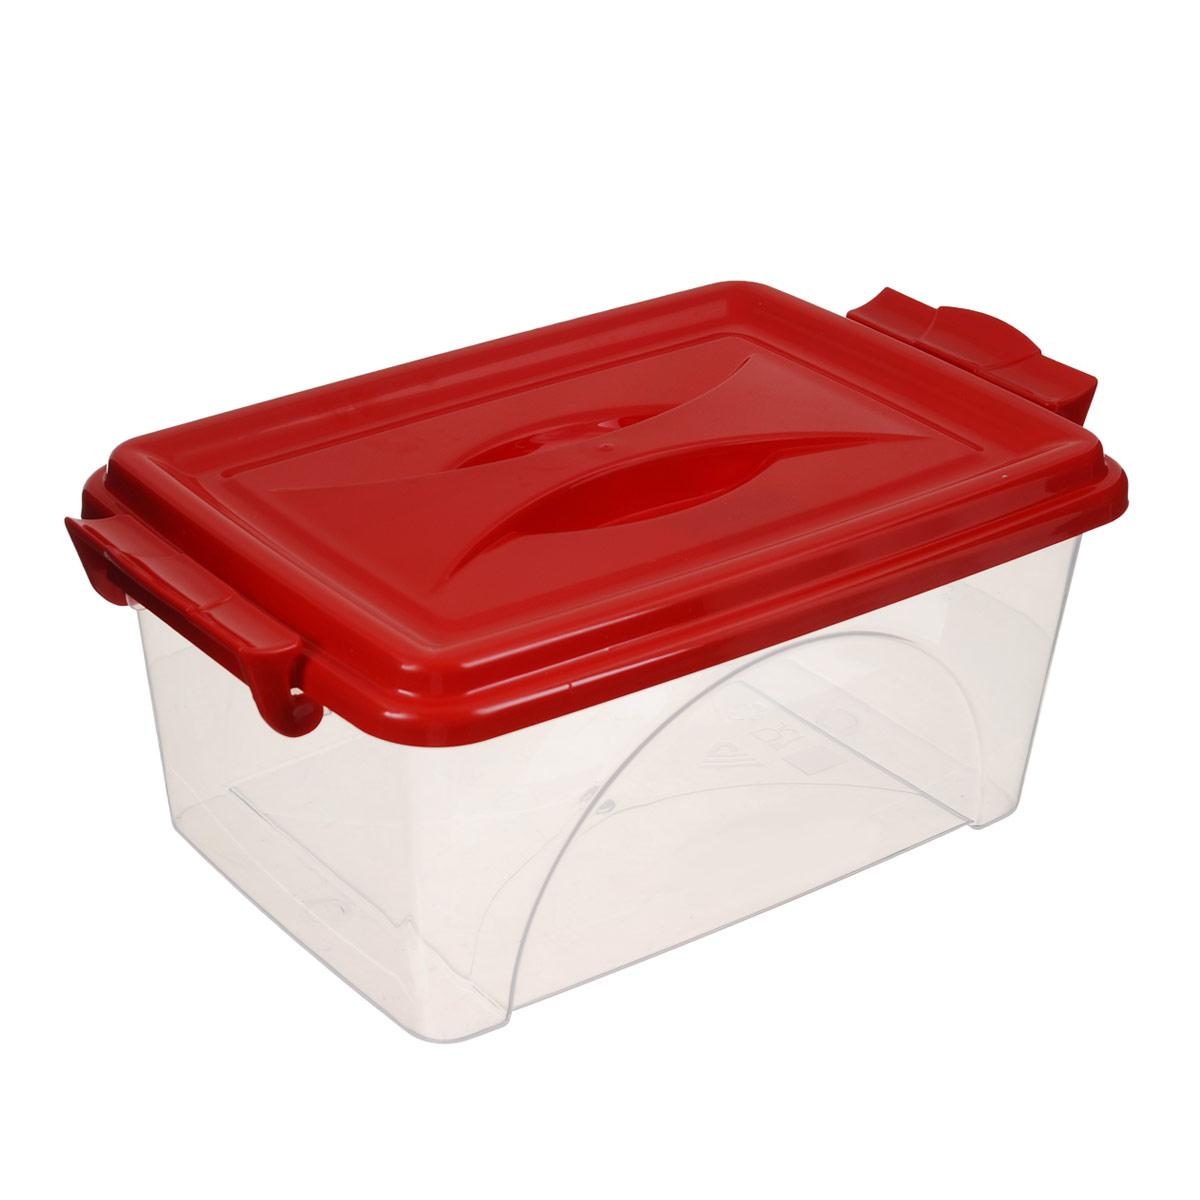 Контейнер Альтернатива, цвет: красный, 2,5 лМ421_красныйКонтейнер Альтернатива выполнен из прочного пластика. Он предназначен для хранения различных мелких вещей. Крышка легко открывается и плотно закрывается. Прозрачные стенки позволяют видеть содержимое. По бокам предусмотрены две удобные ручки, с помощью которых контейнер закрывается. Контейнер поможет хранить все в одном месте, а также защитить вещи от пыли, грязи и влаги.